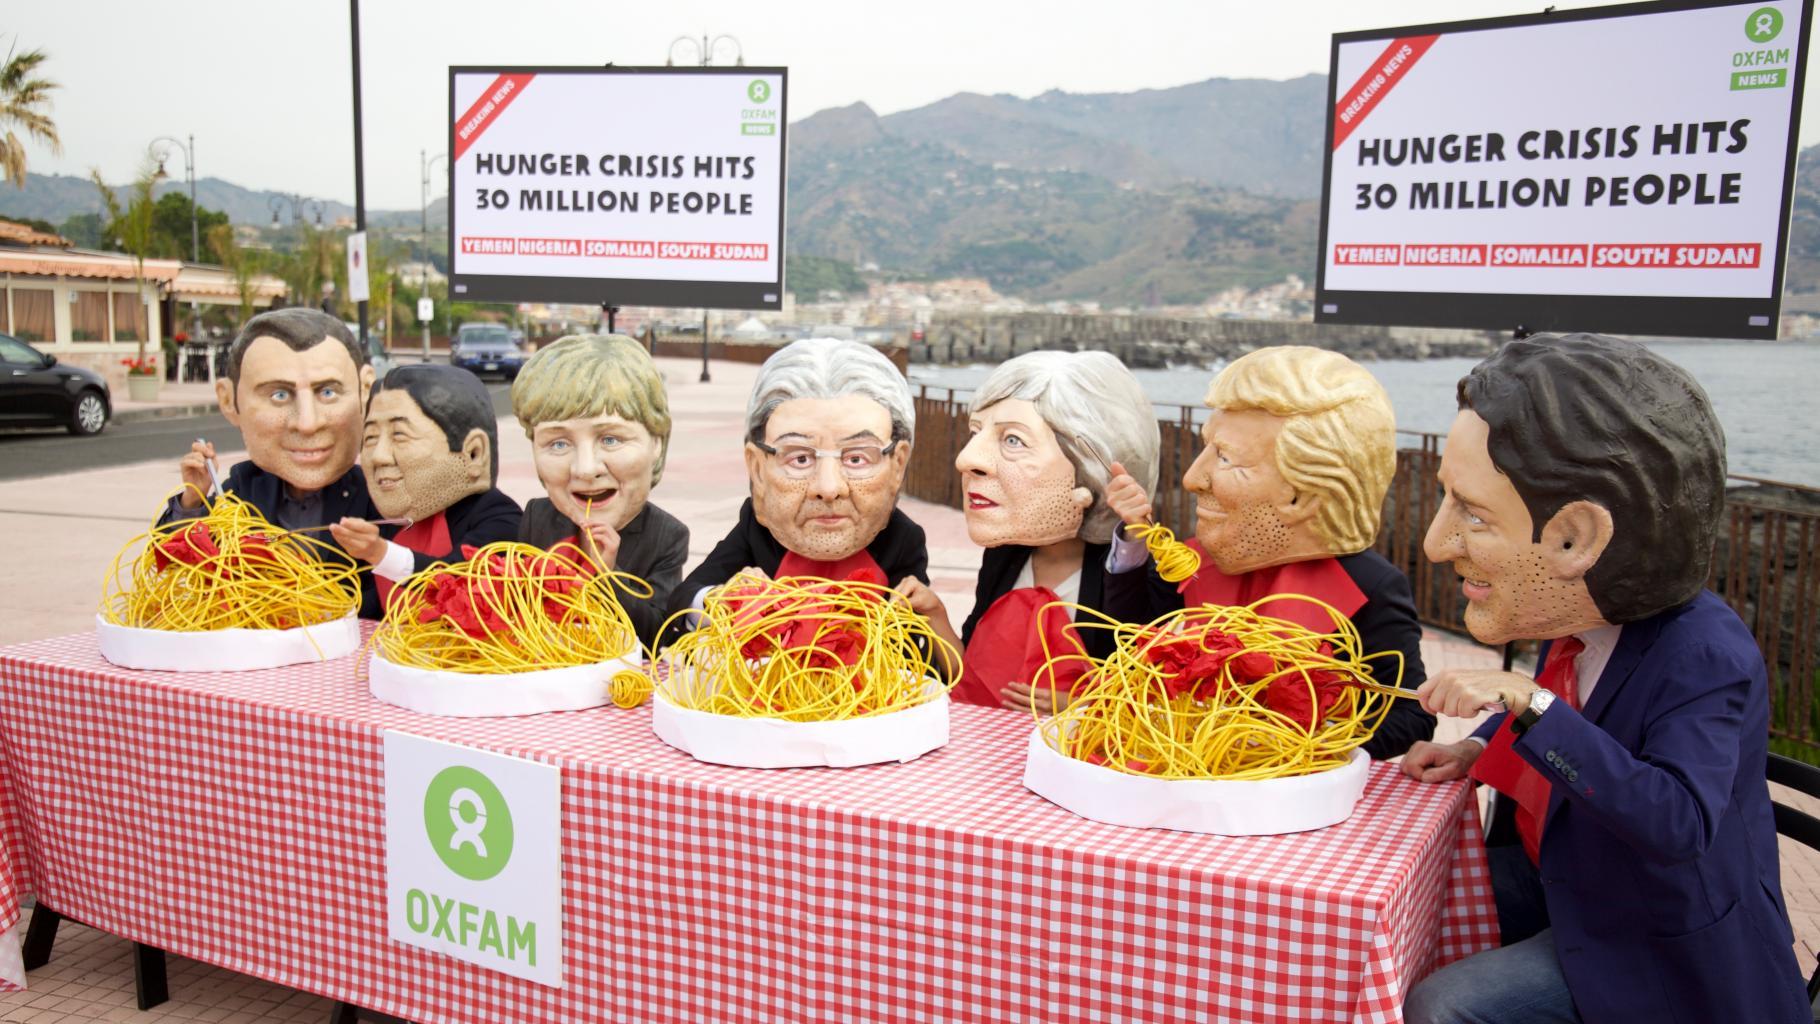 """Aktivist/innen mit Masken der Staats- und Regierungschefs essen Spaghetti, während im Hintergrund auf Fernsehern die Meldung erscheint: """"Hunger crisis hits 30 million people – Yemen, Nigeria, Somalia, South Sudan"""""""